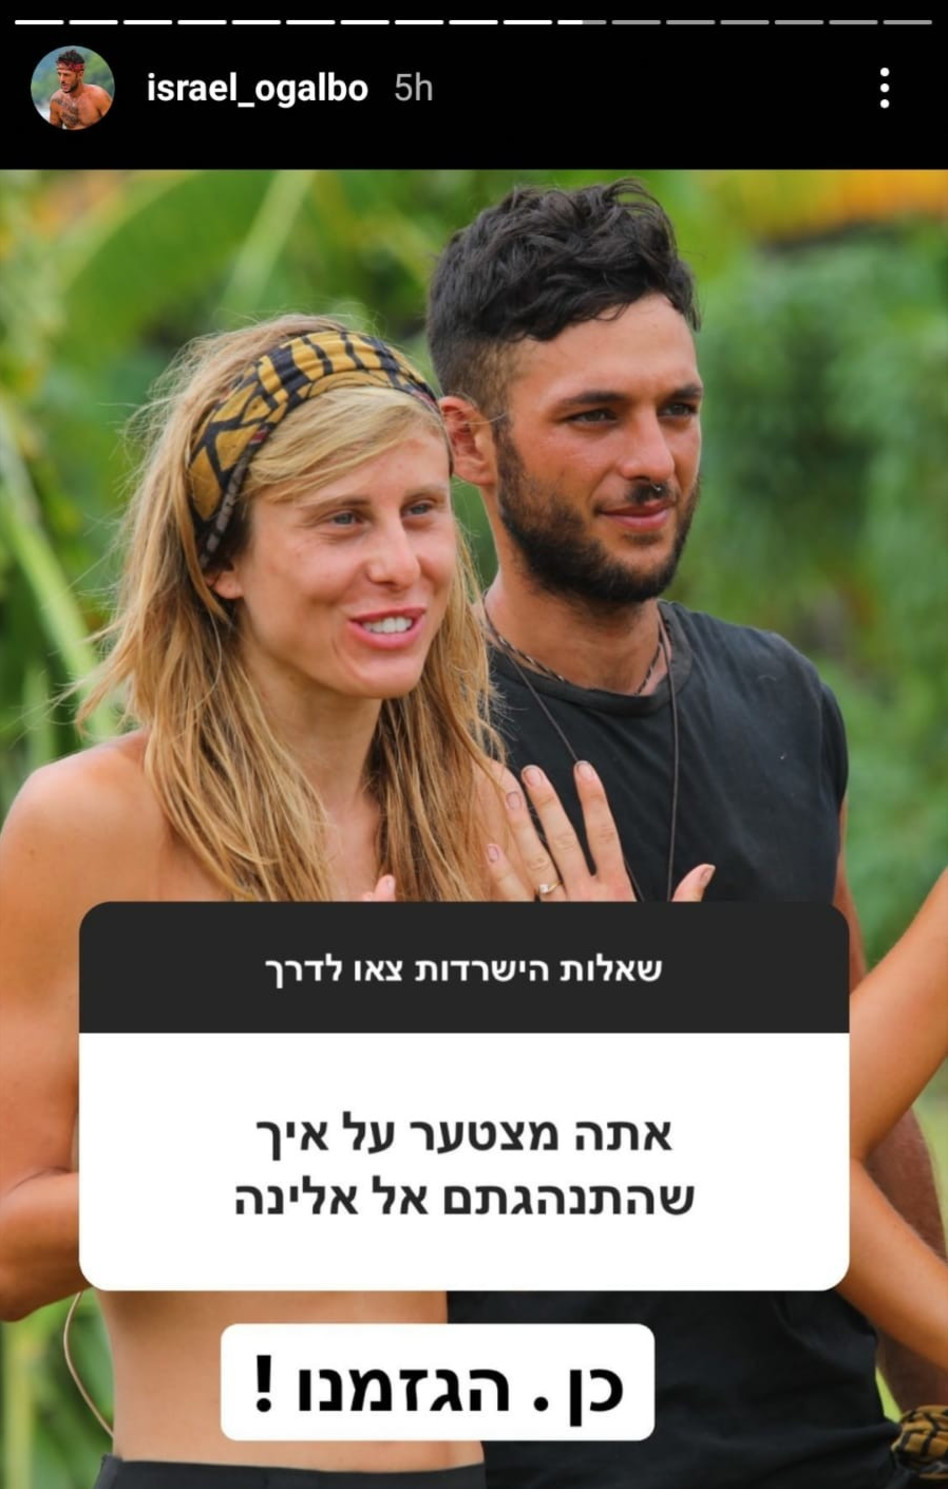 ישראל אוגלבו, אלינה לוי, הישרדות (צילום: צילום מסך אינסטגרם)